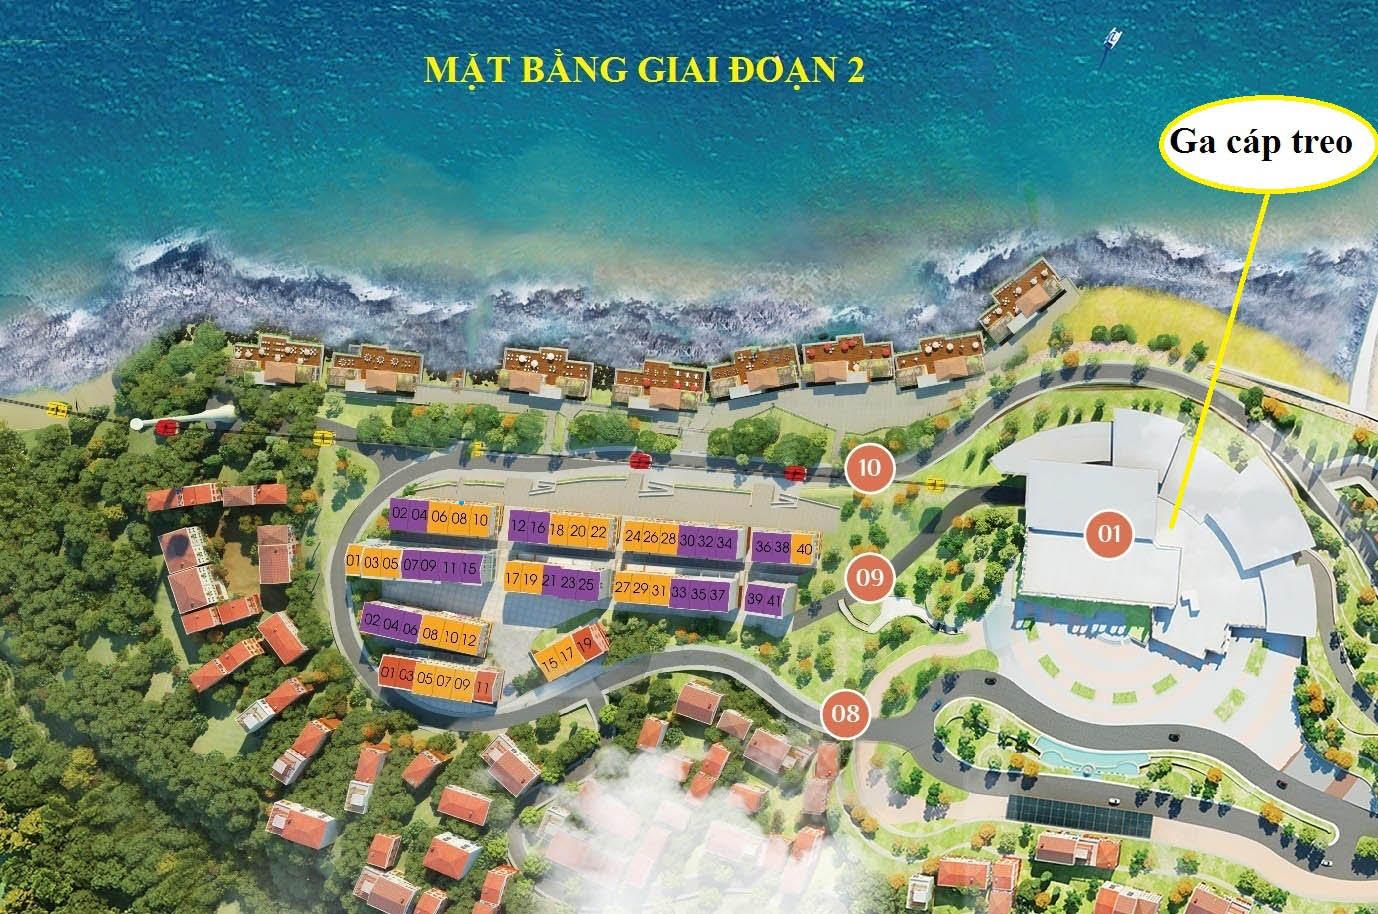 The Center Địa Trung Hải Phú Quốc